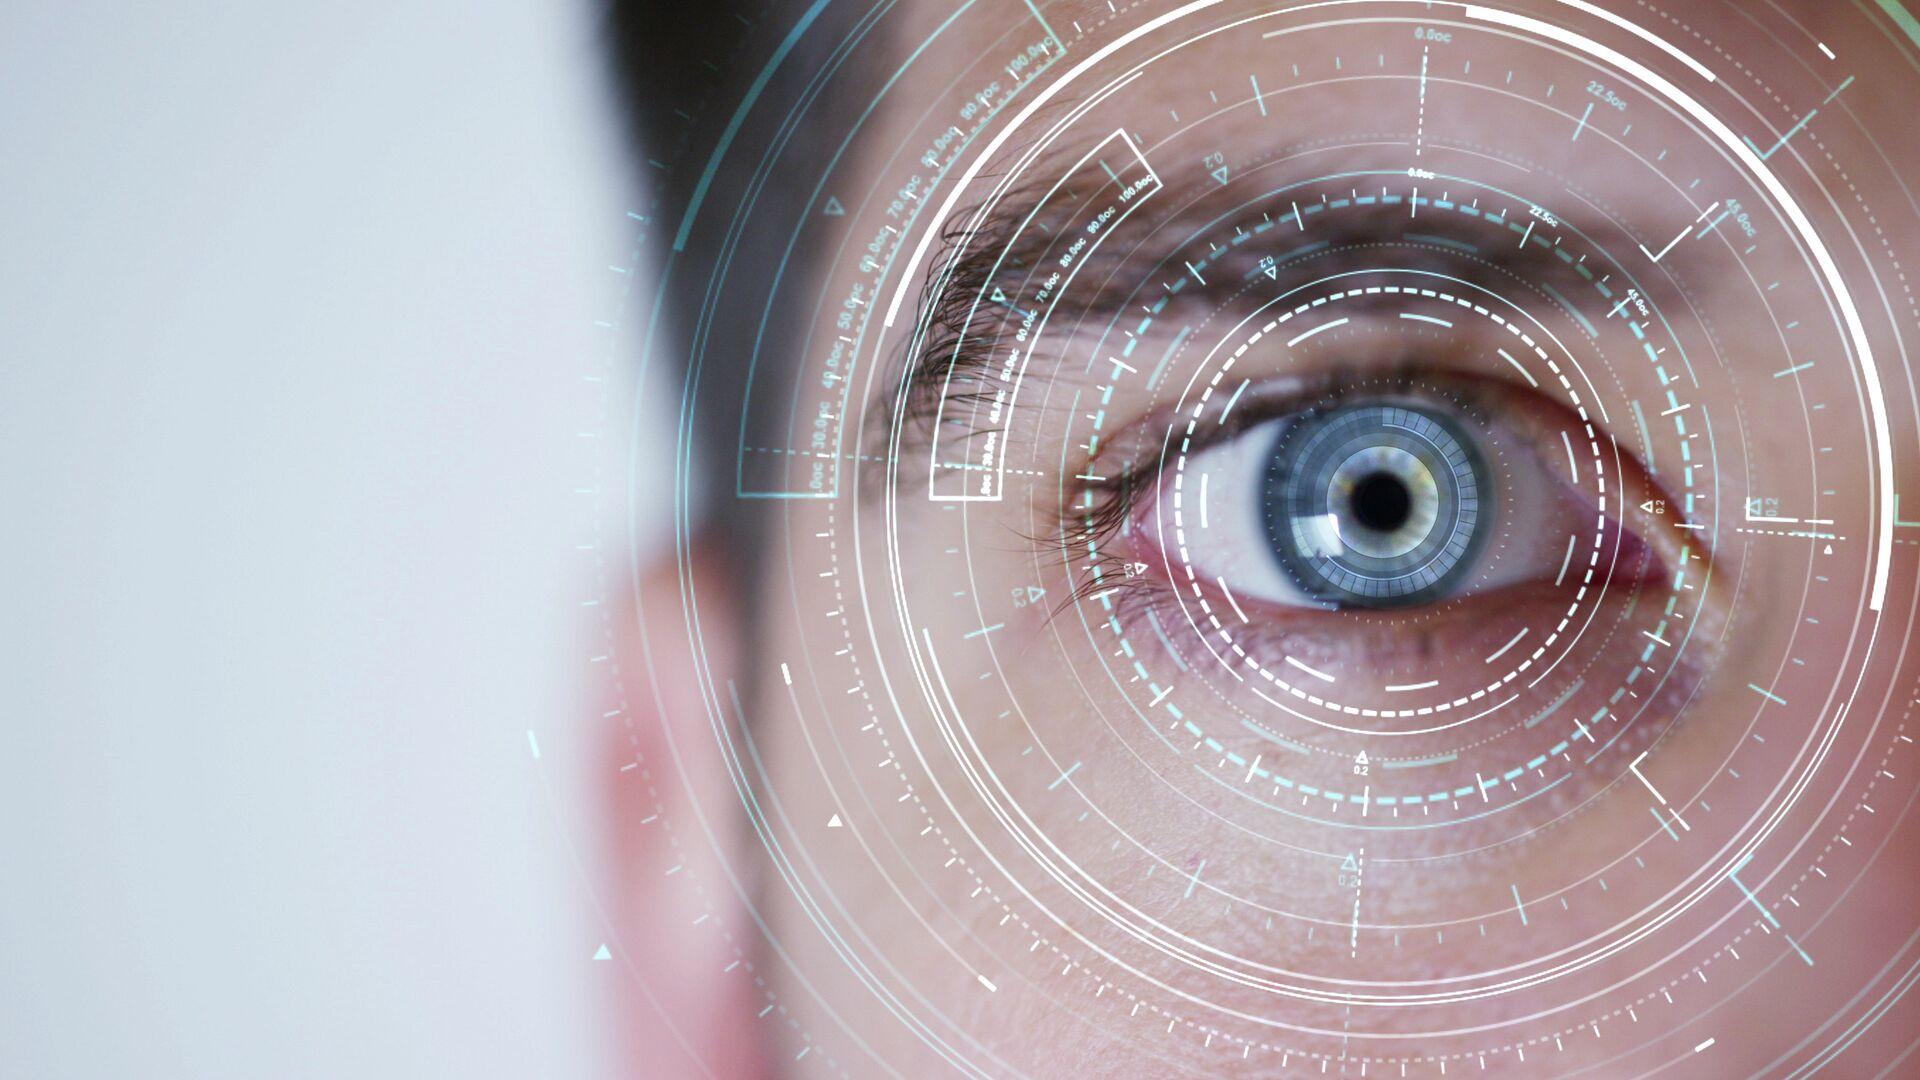 Ученые рассказали о потерявших зрение после COVID-19 пациентах